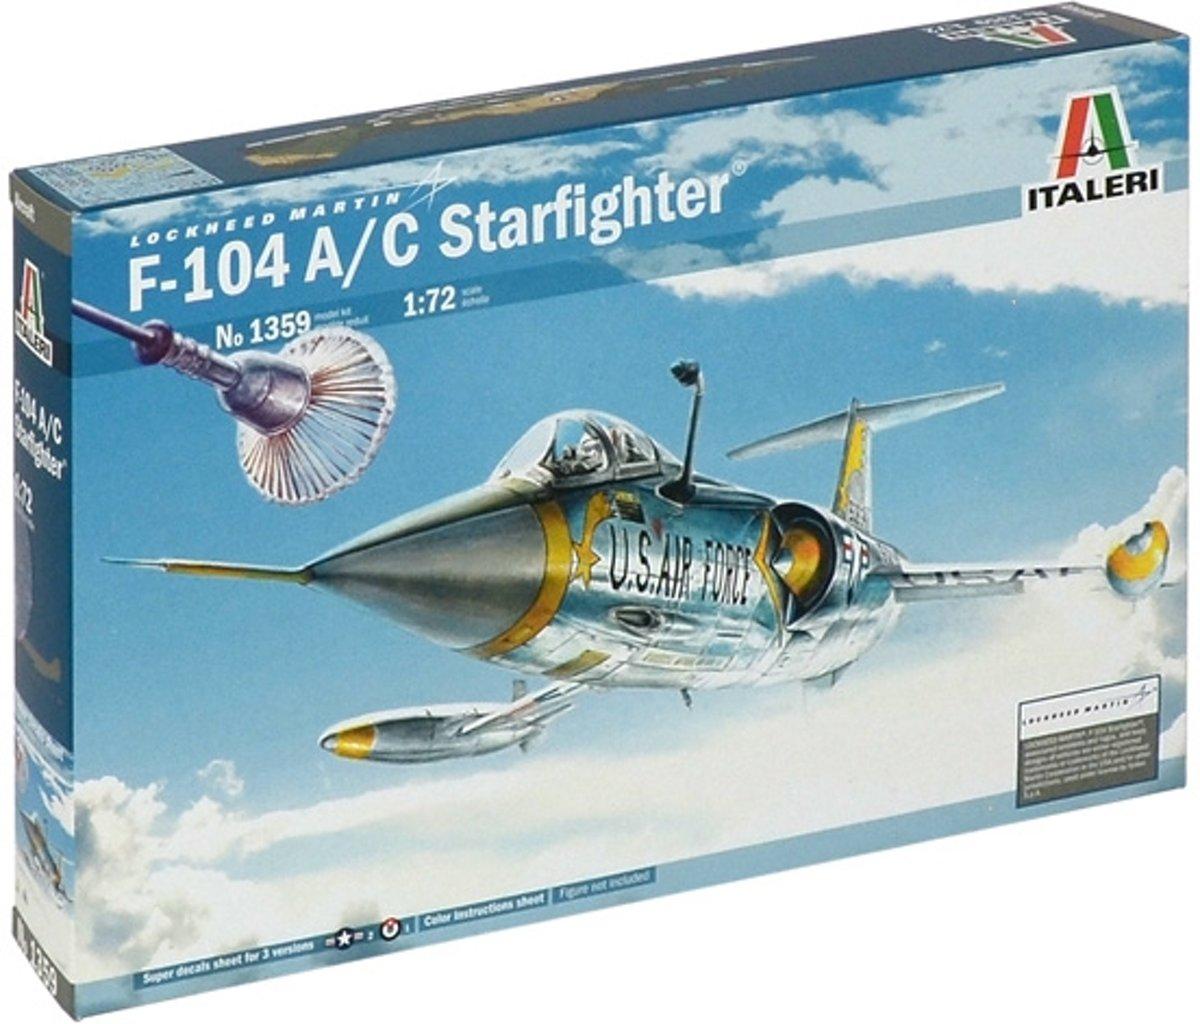 Italeri F-104 Starfighter 1:72 Montagekit